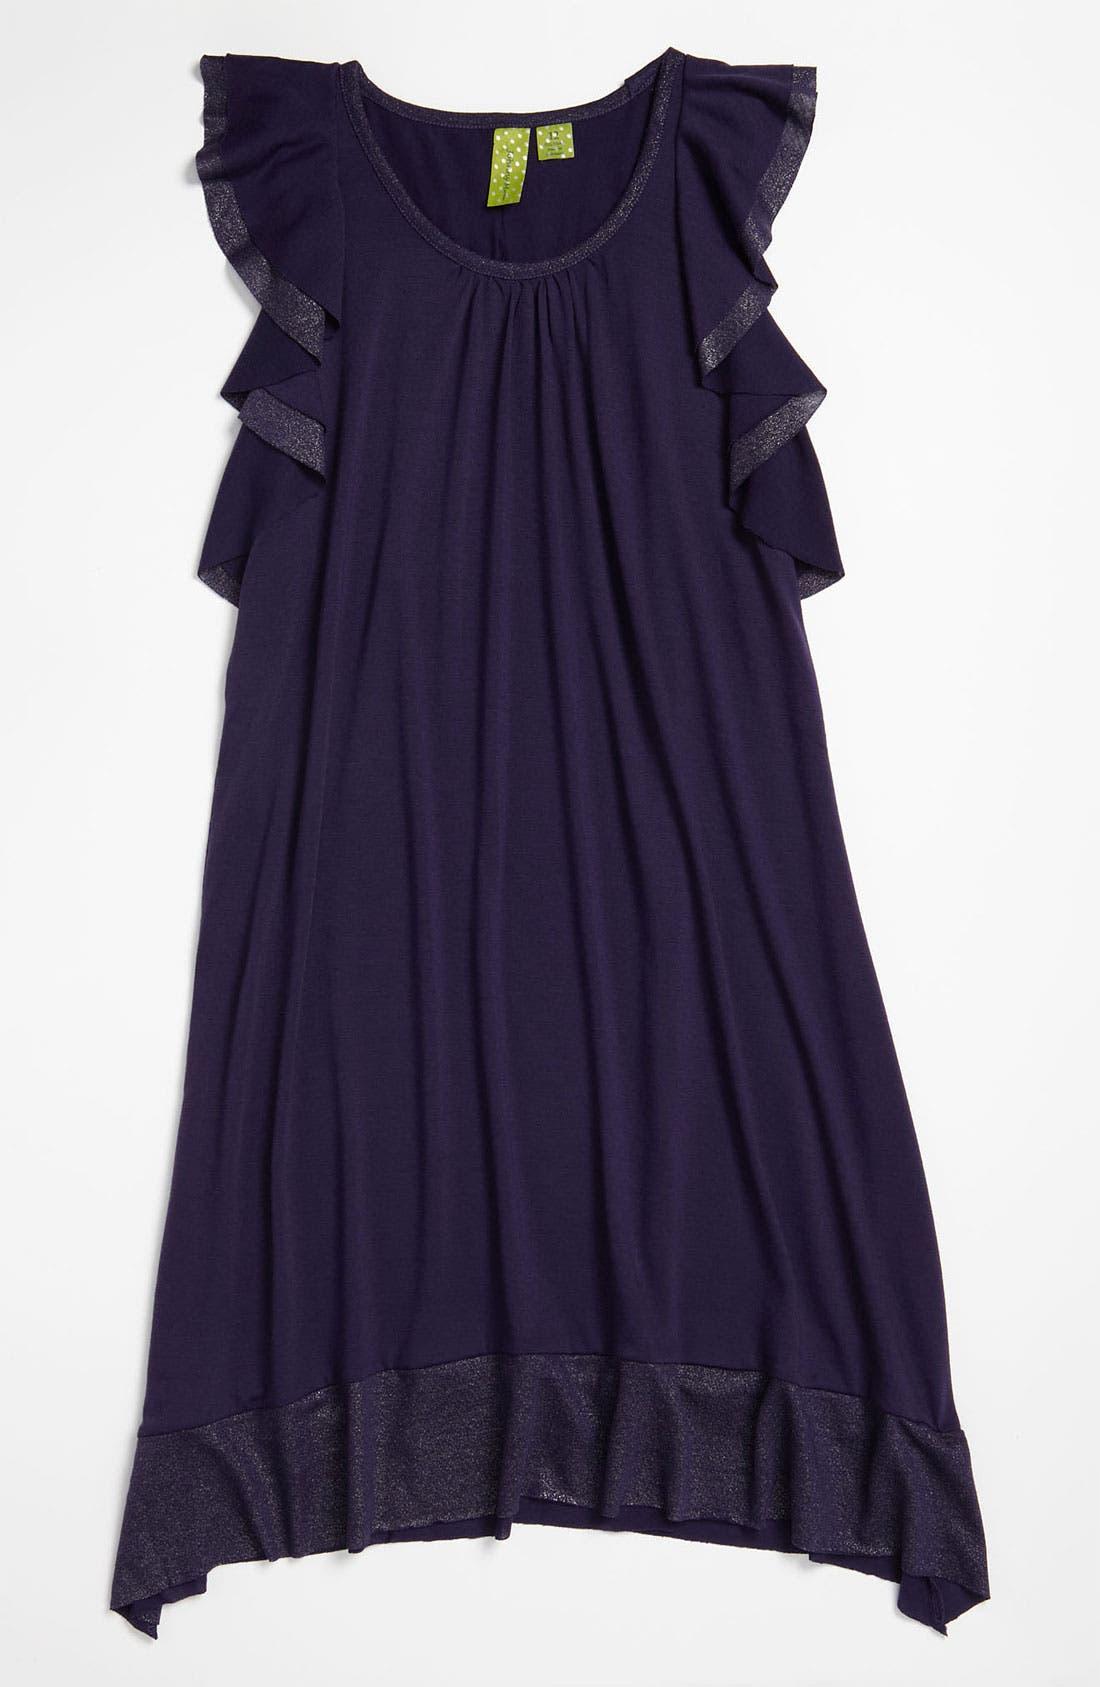 Main Image - Jonathan Martin Flutter Dress (Big Girls)